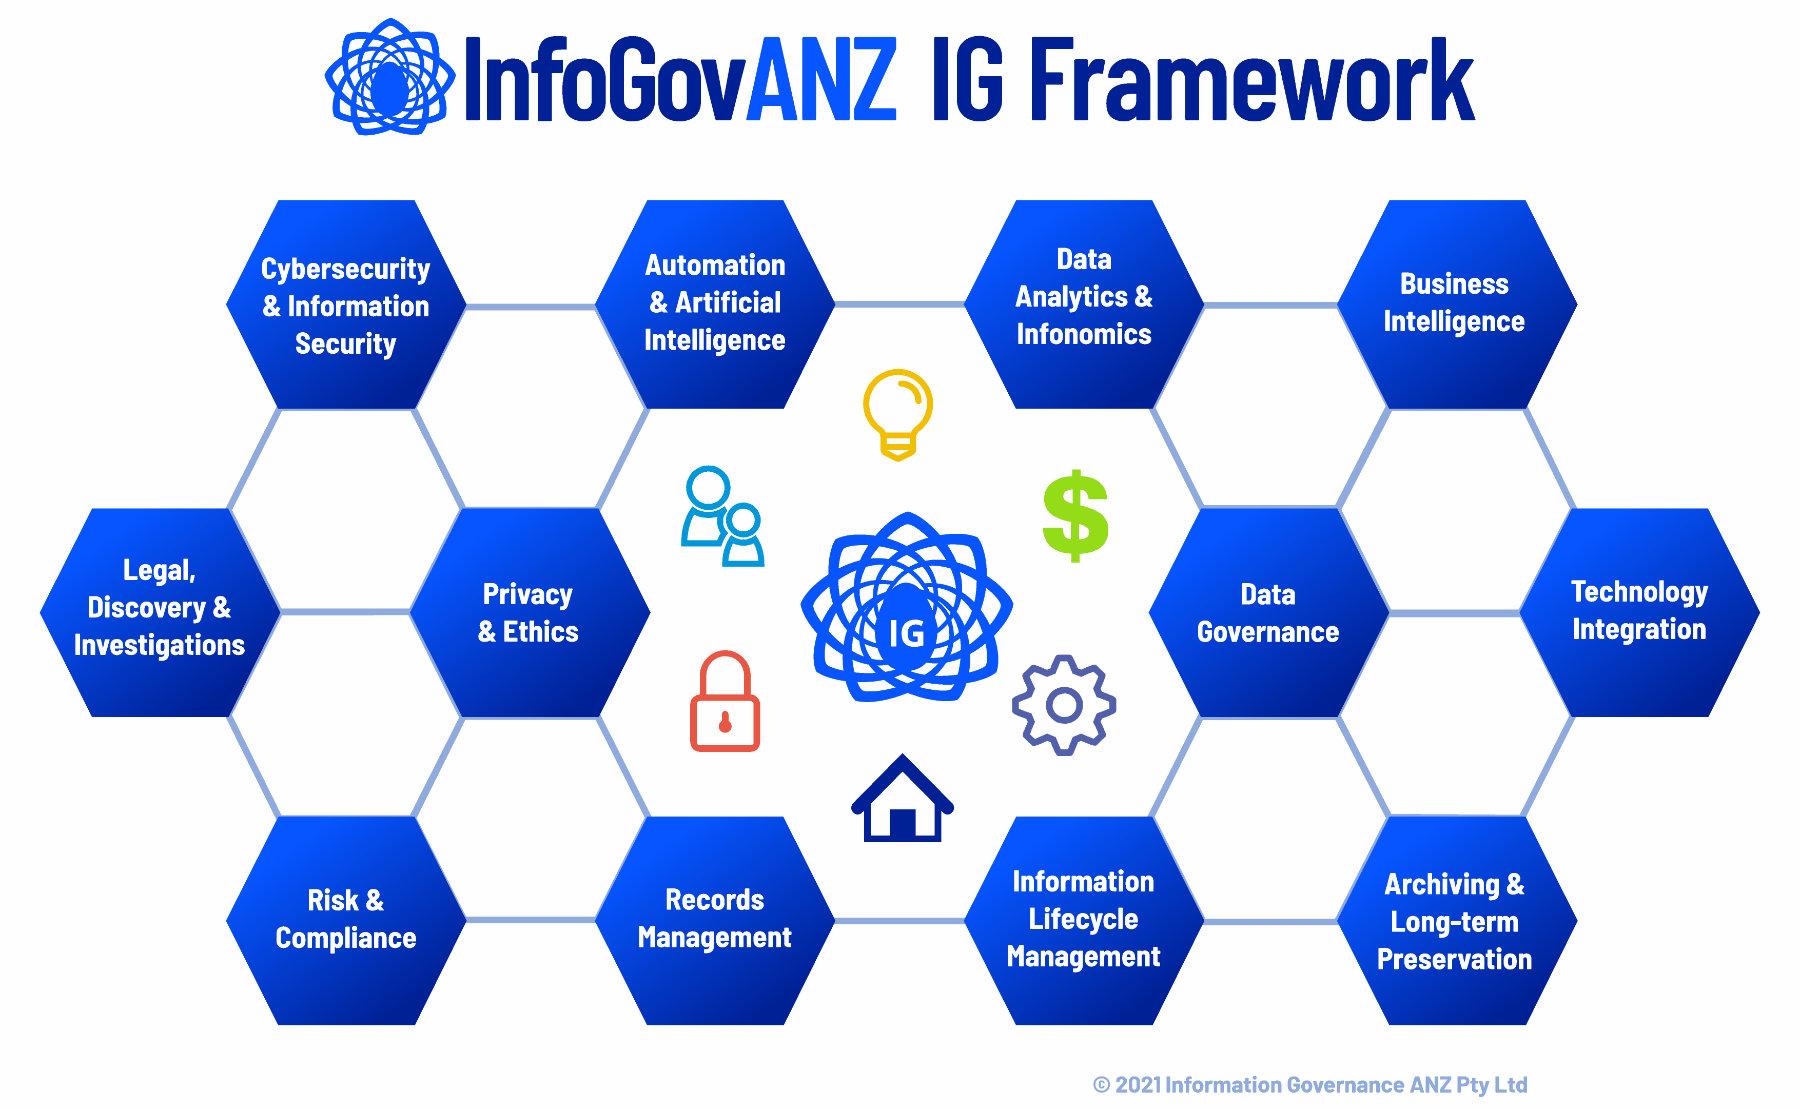 InfoGovANZ IG information governance framework